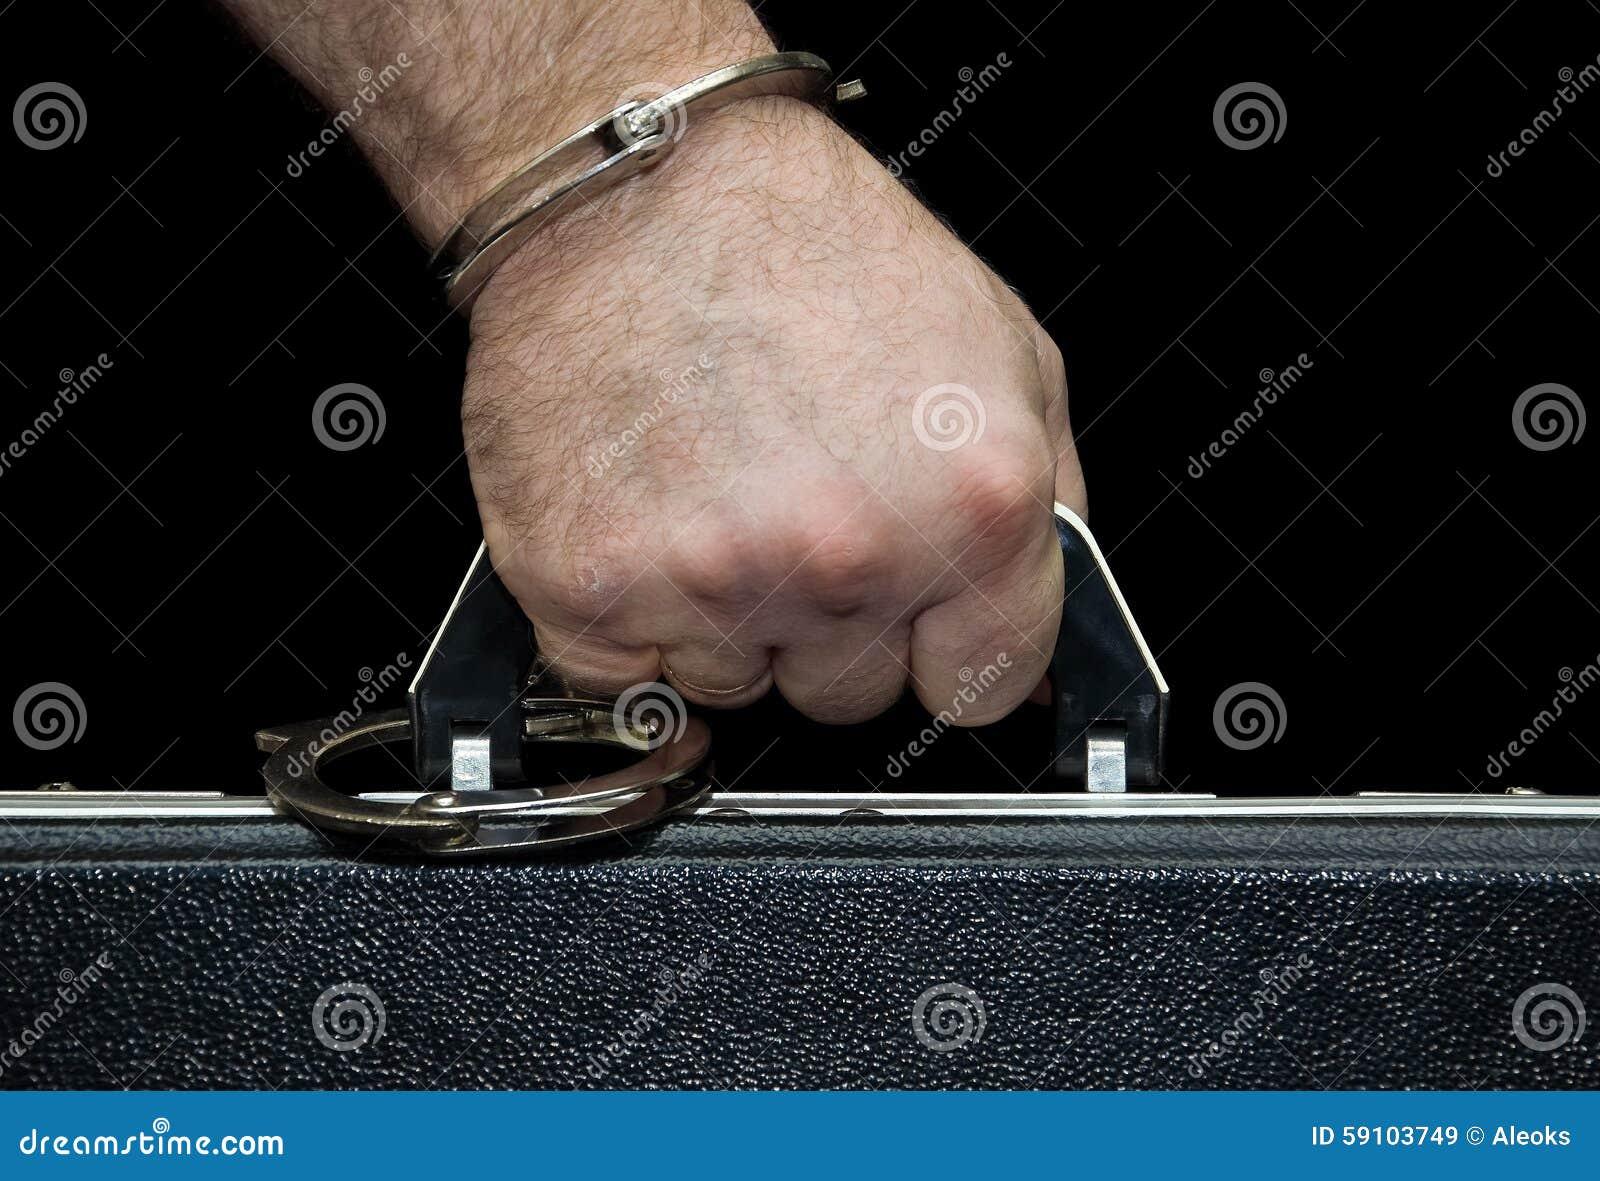 公文包扣上手铐对他的手